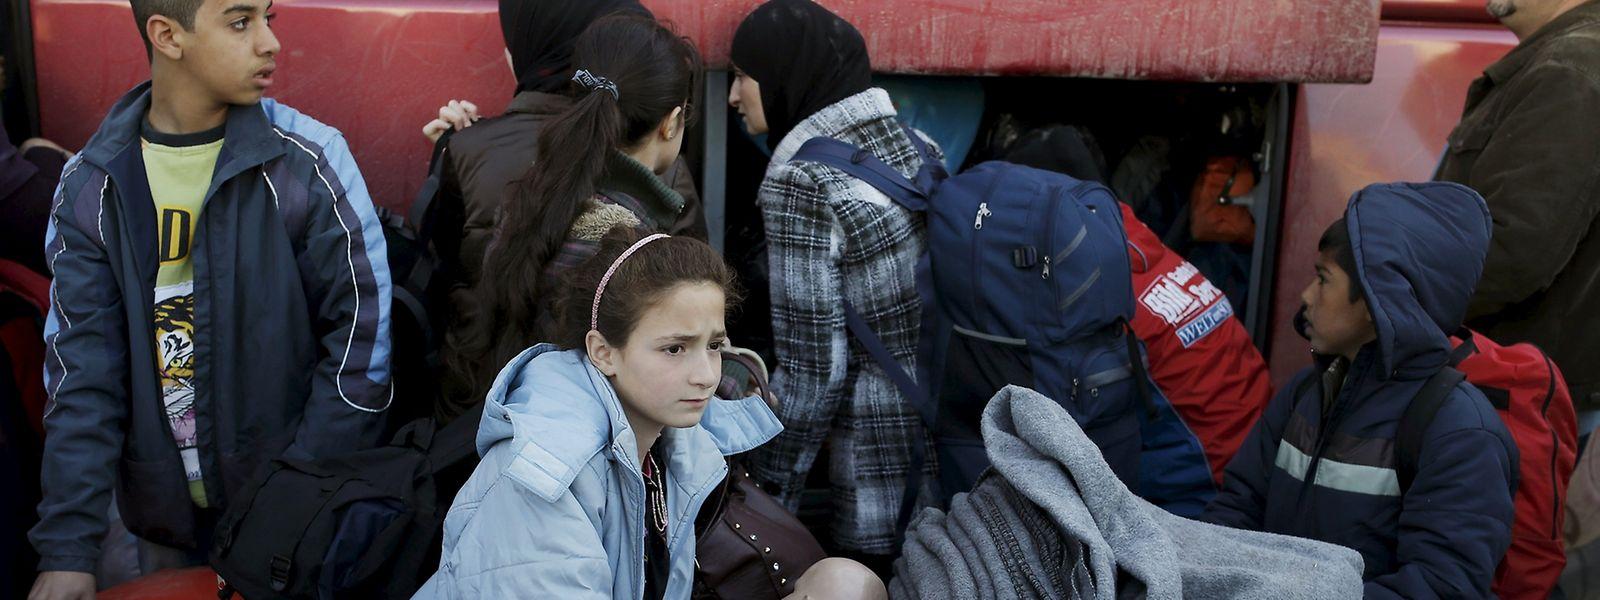 Athen versucht, die Flüchtlinge dazu zu bringen, sich auf Kosten des Staates in organisierte Lager im Landesinneren bringen zu lassen.